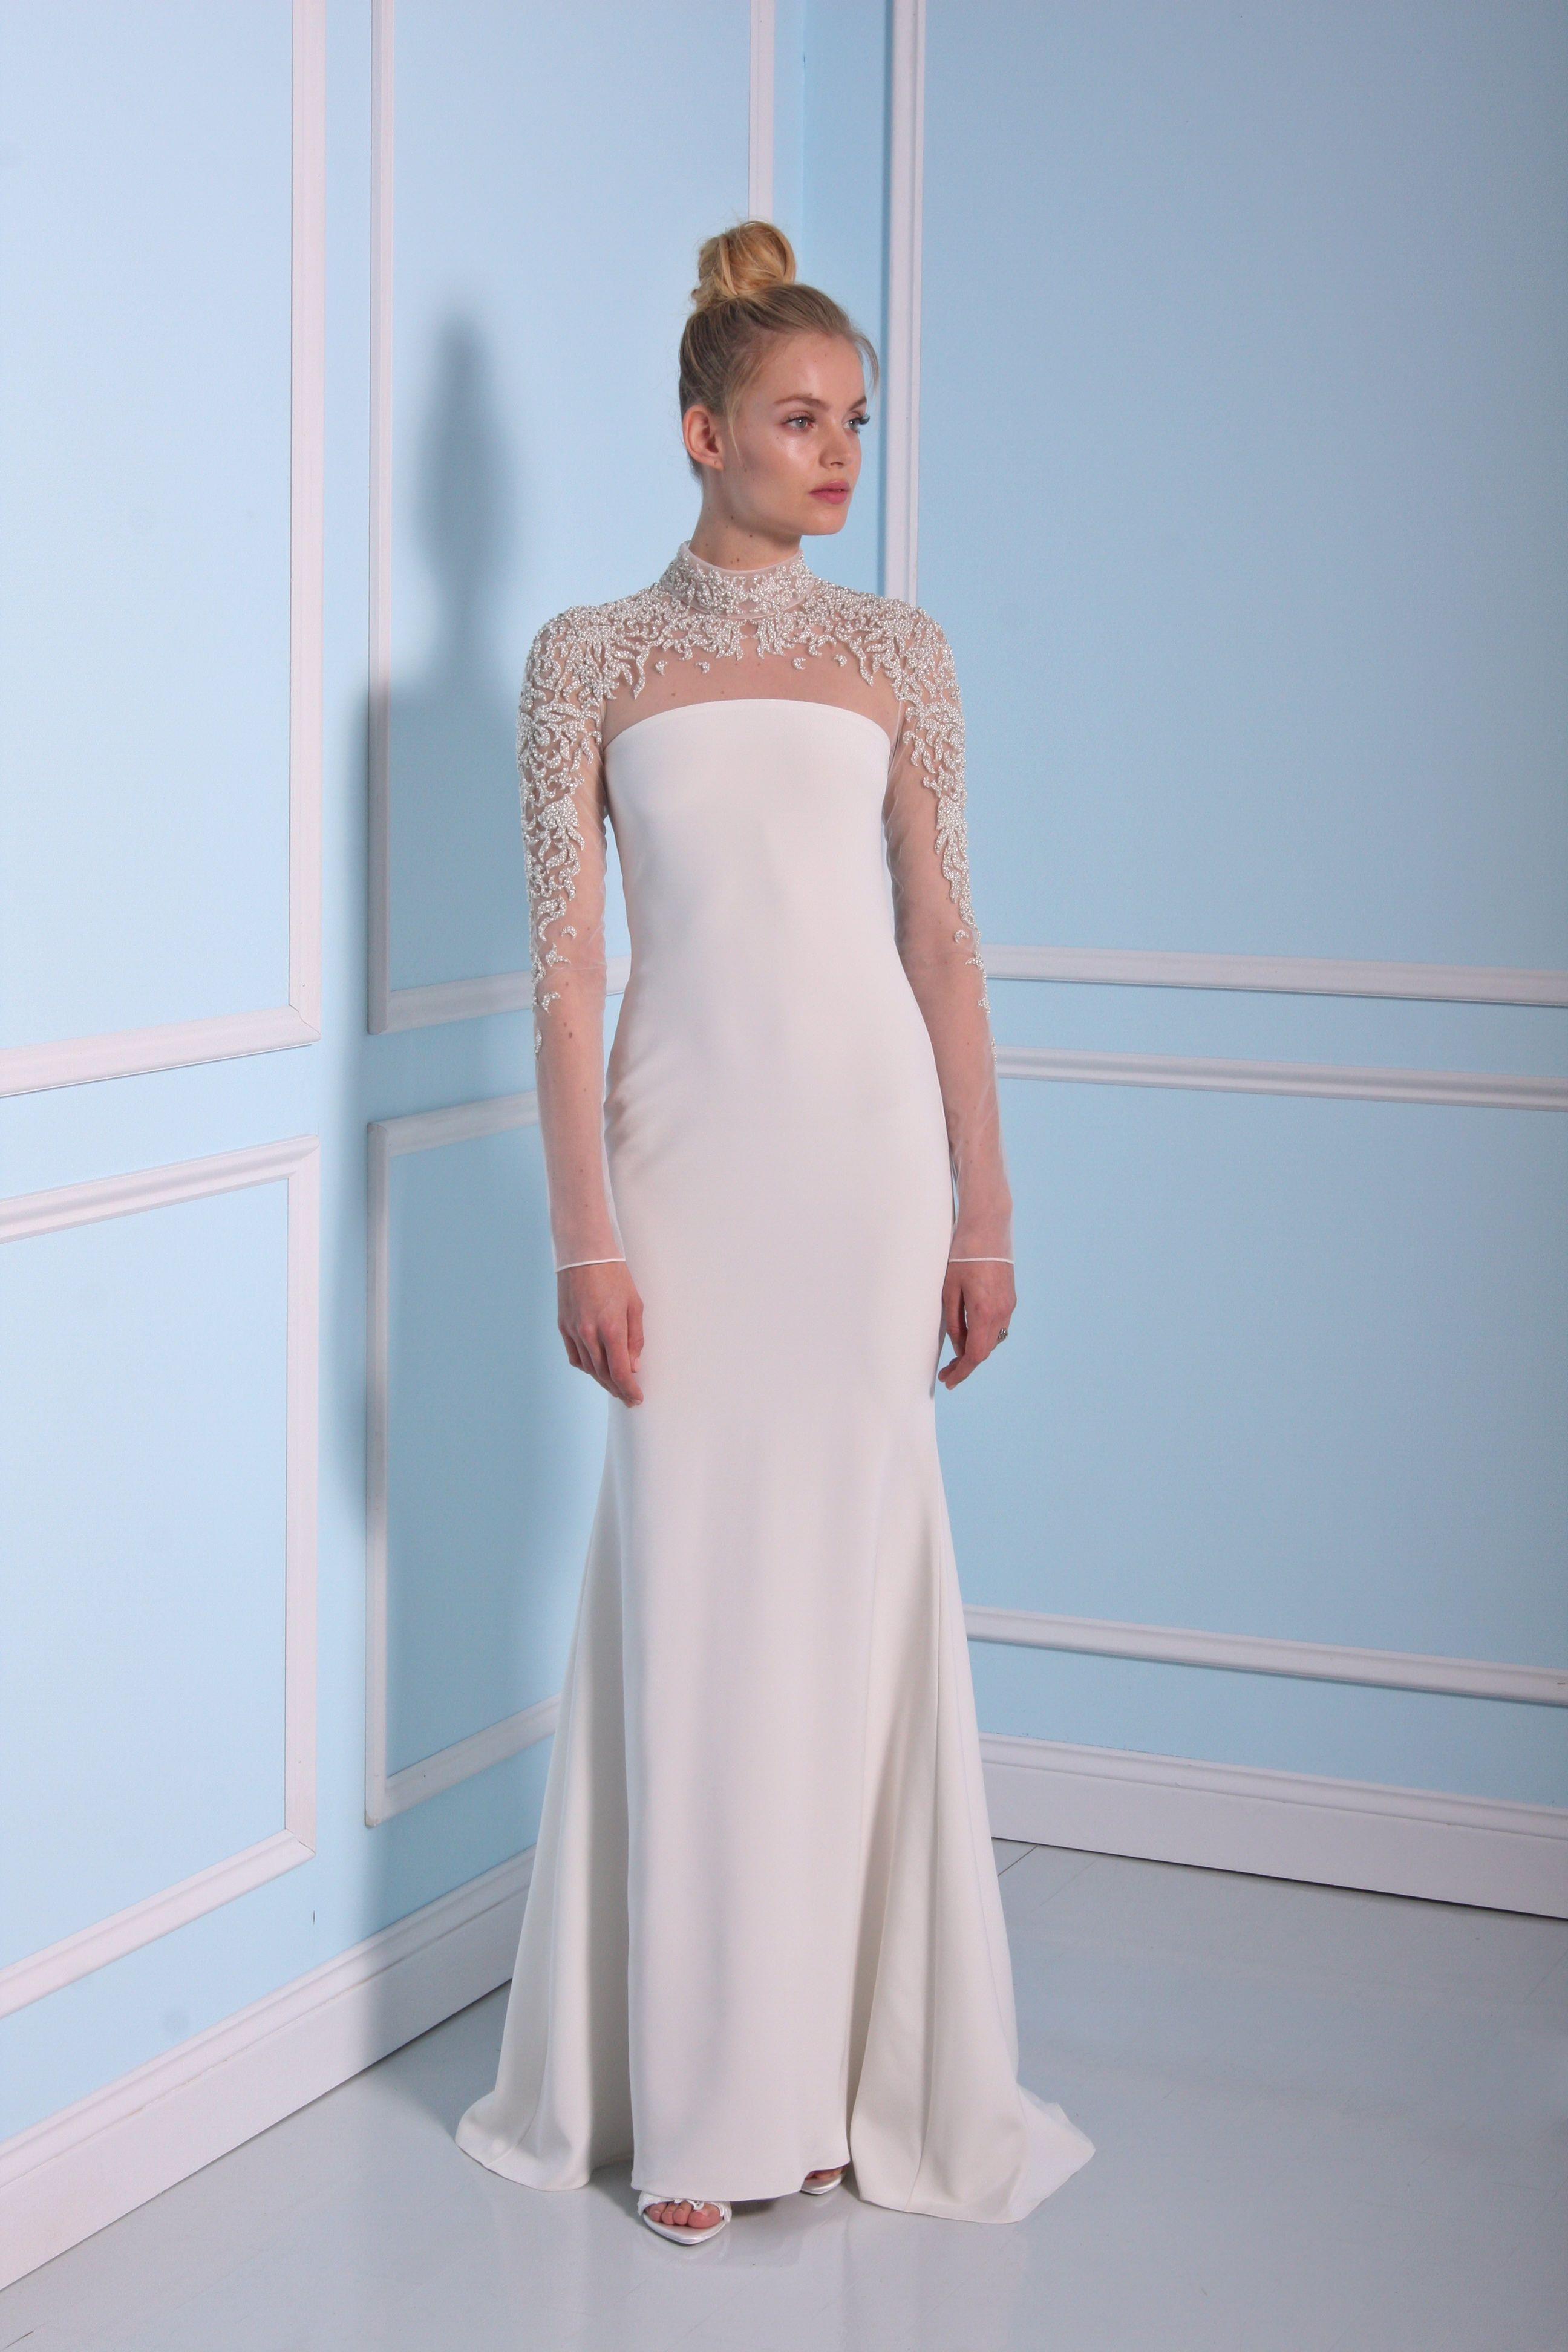 Bridal Market 2016 Dresses For Your Destination Wedding Kleinfeld Bridal Wedding Dresses Sheath Wedding Dress Bridal Gown Styles [ 3888 x 2592 Pixel ]